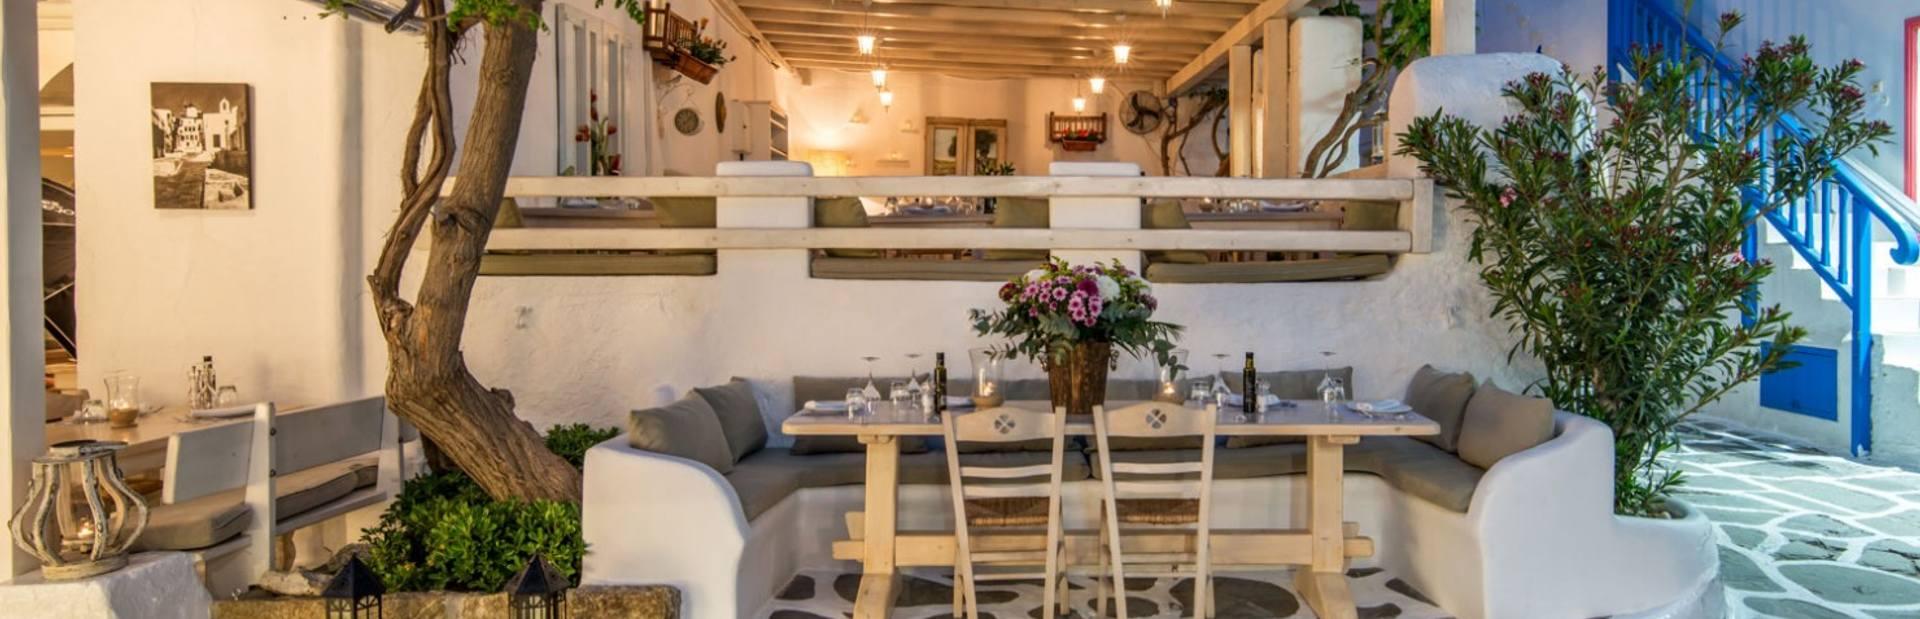 M-eating Restaurant Image 1